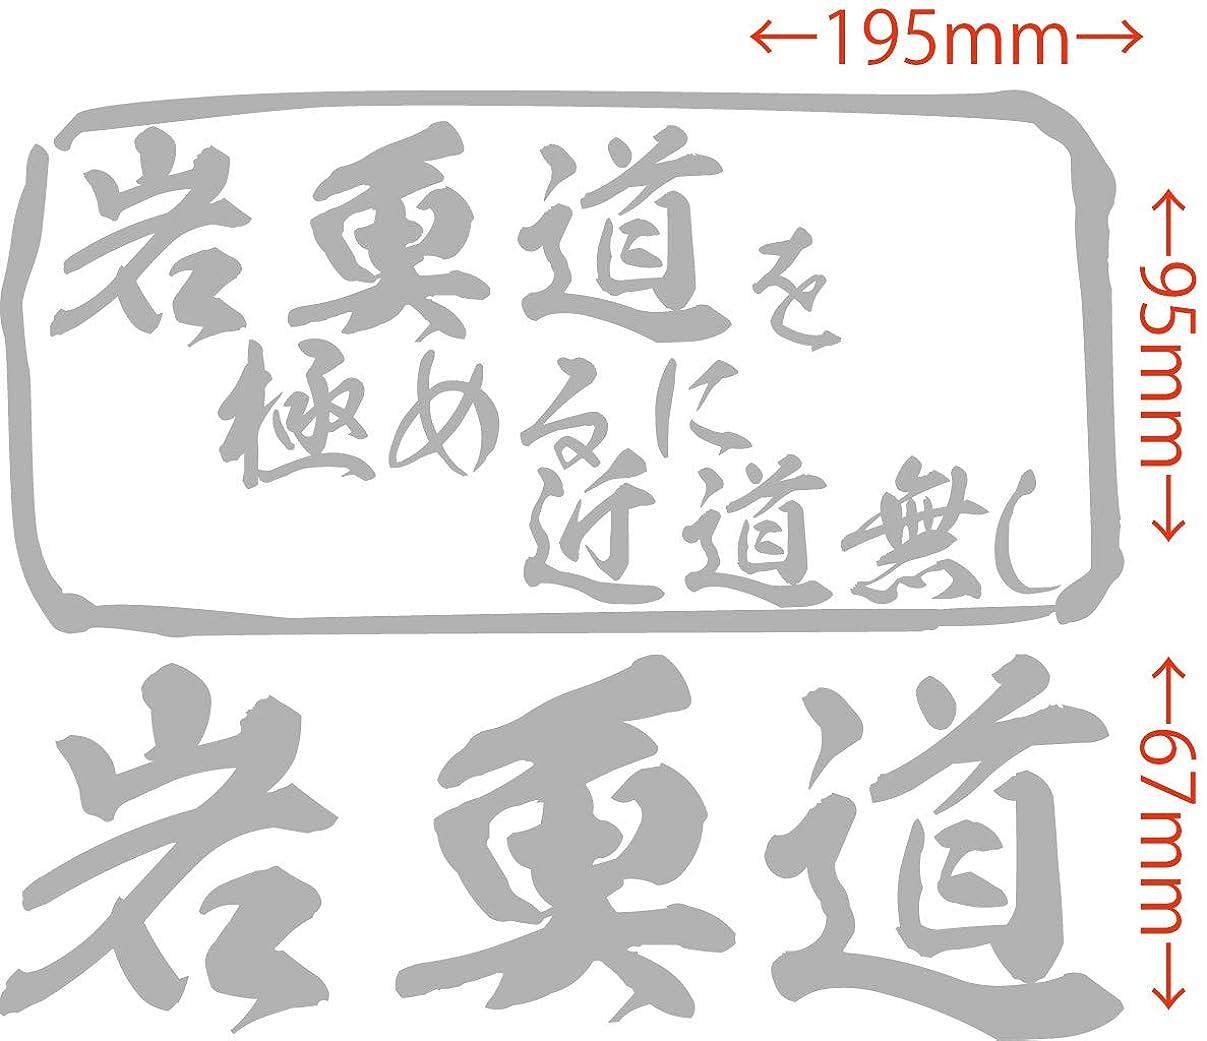 ルート換気行商カッティングステッカー 岩魚道 を極めるに近道無し(イワナ 釣り) 約165mm×約195mm シルバー 銀